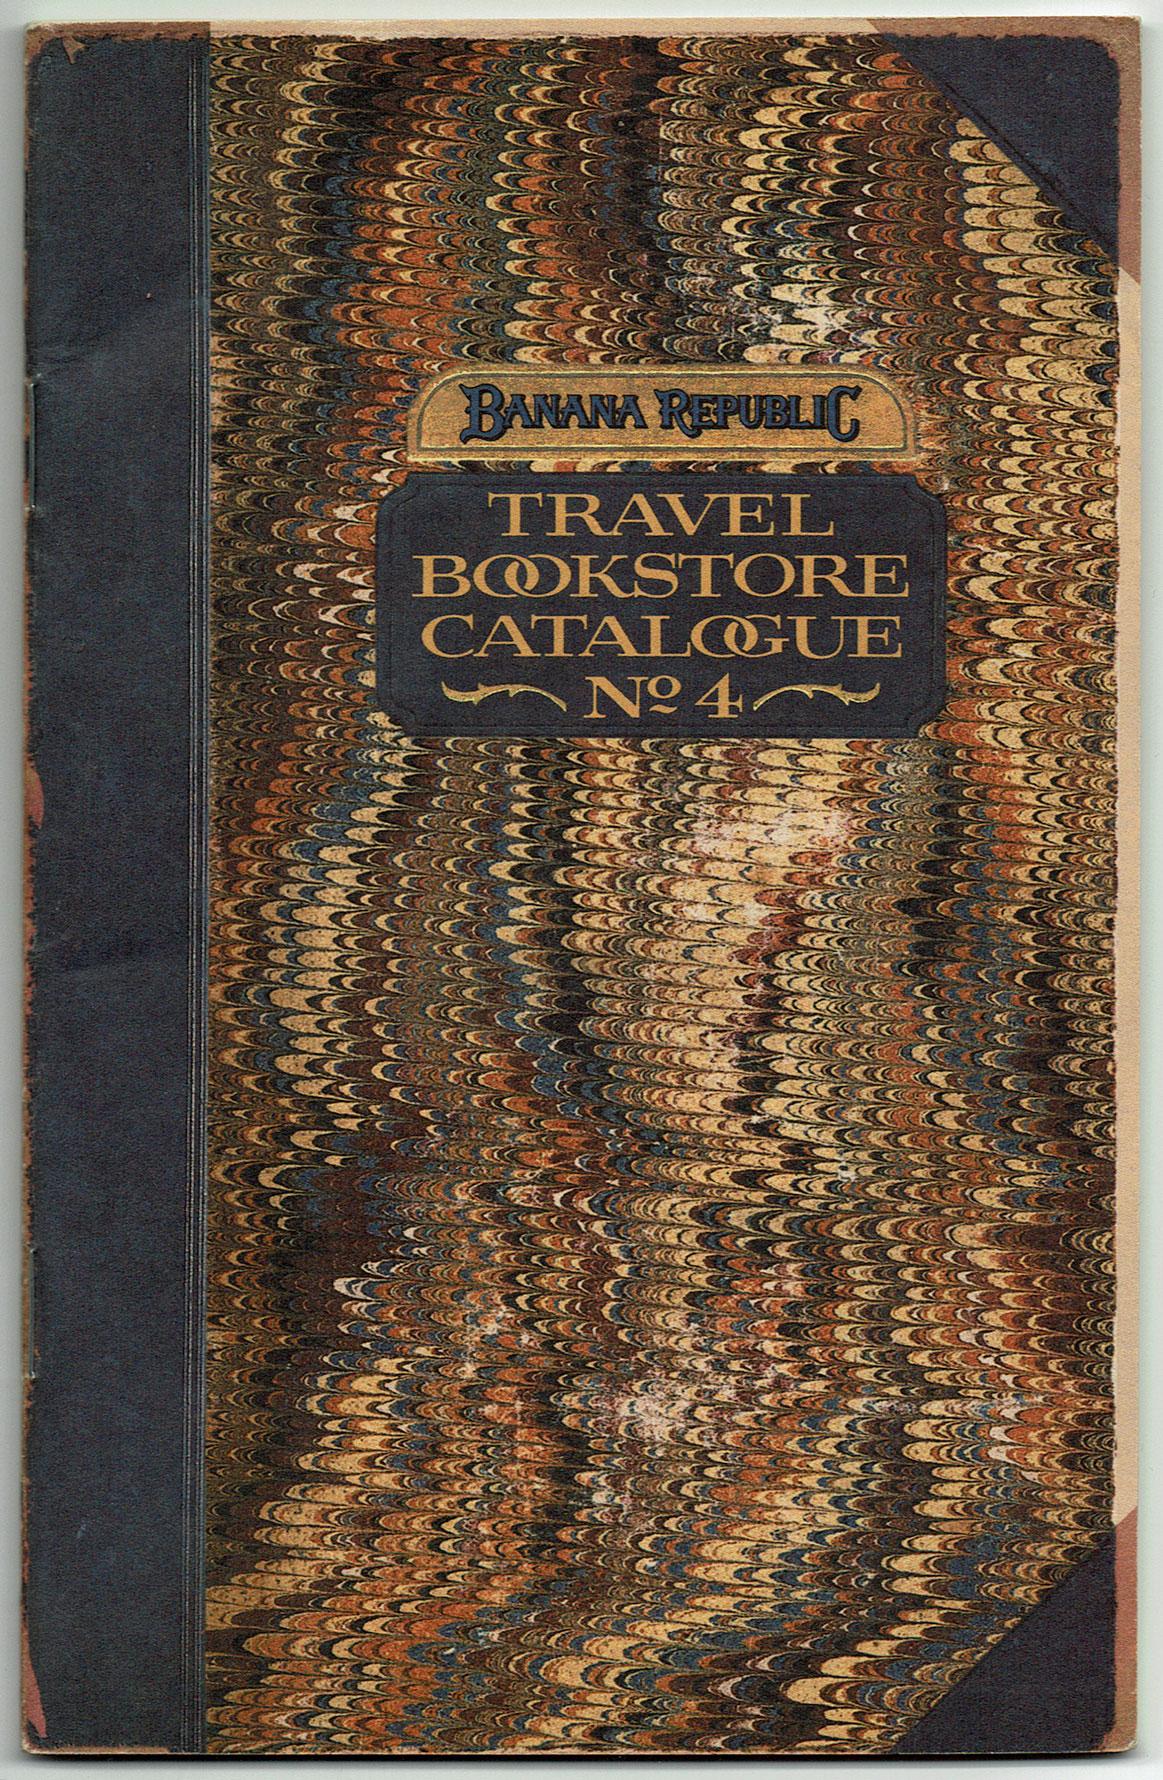 BookstoreCat004